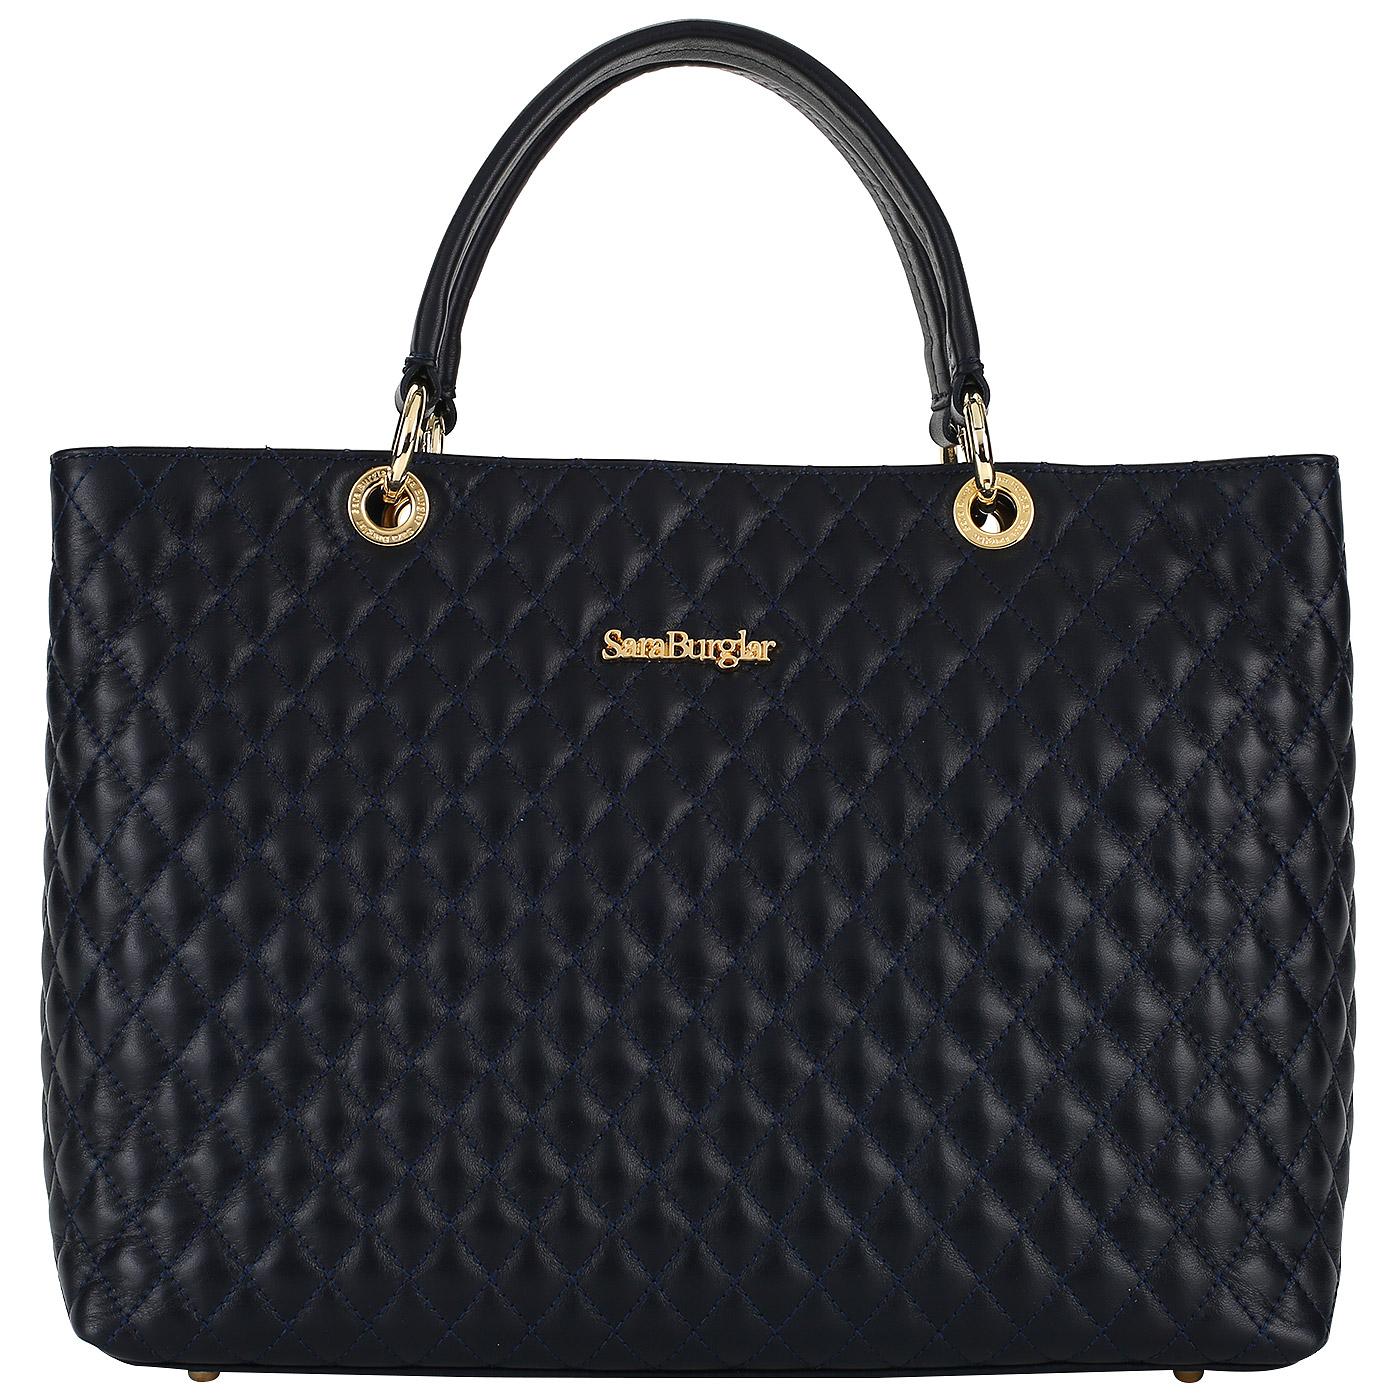 92828d51a233 ... Женская сумка из натуральной кожи со съемными ручками Sara Burglar  Nelly new Trapunto ...